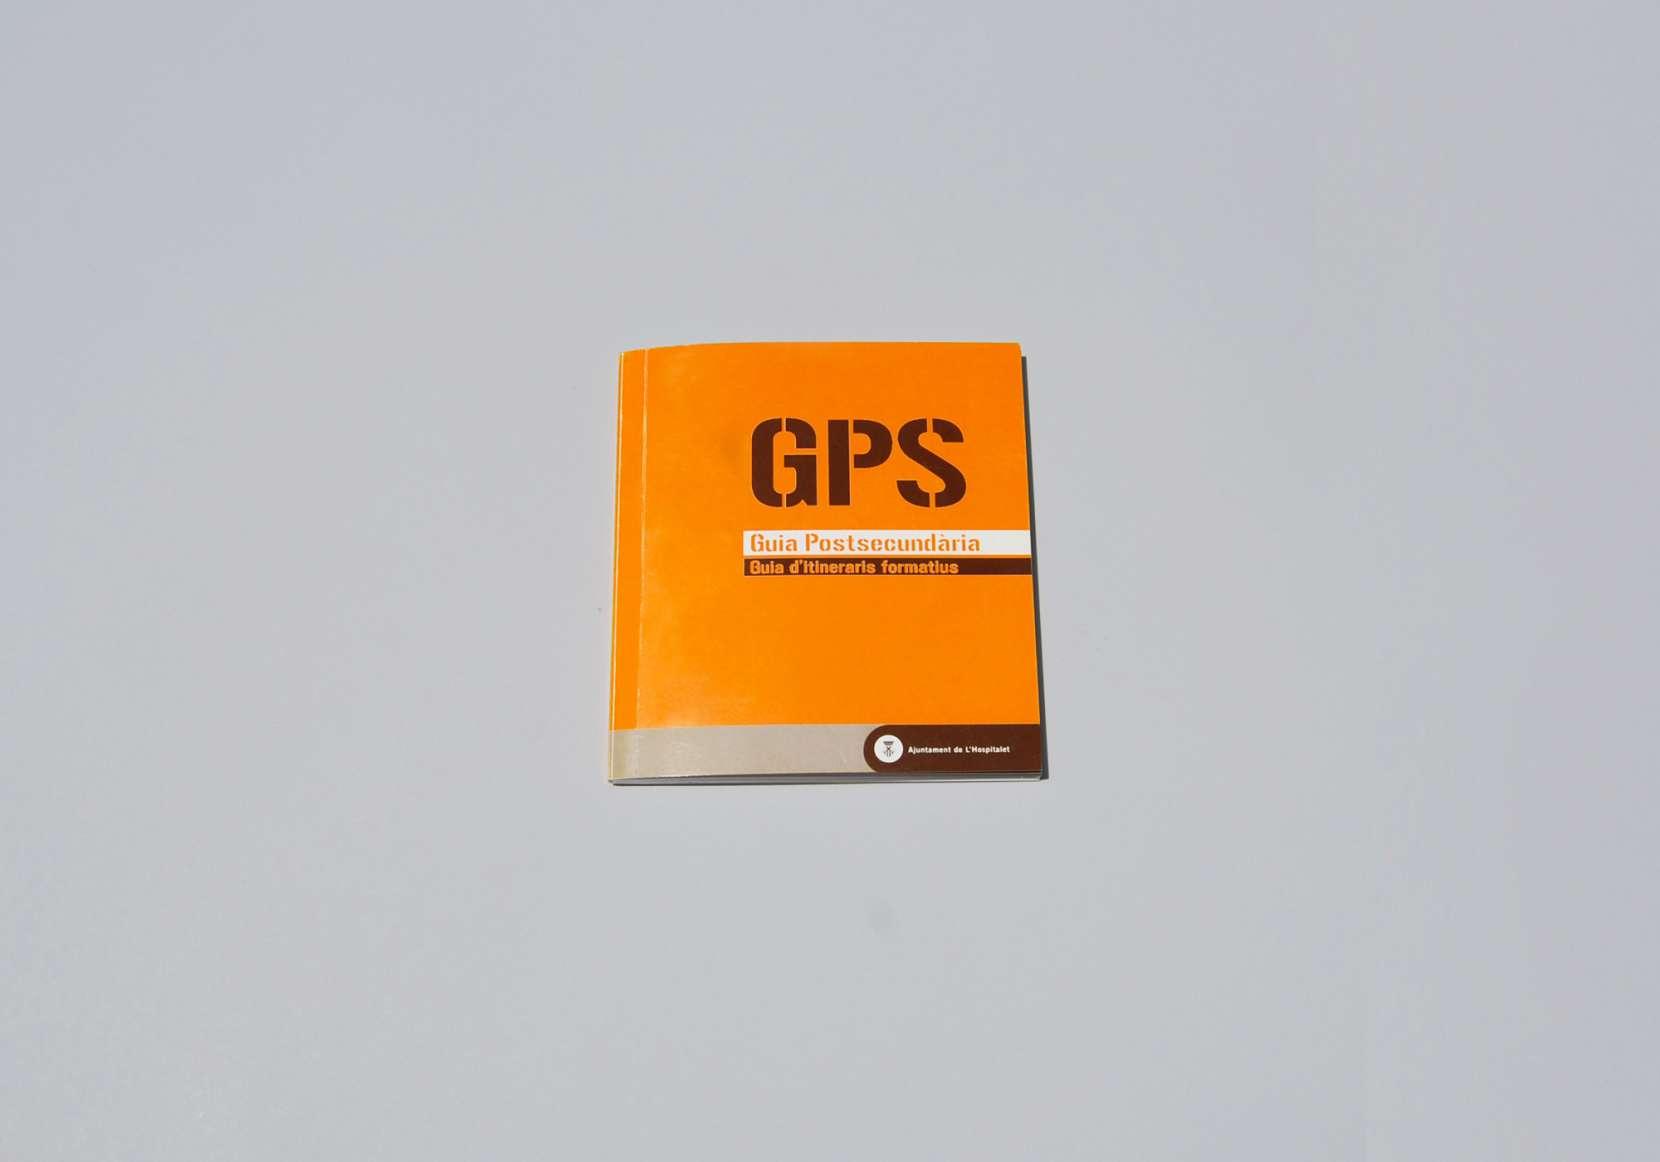 LH-GUIA-GPS-1.jpg